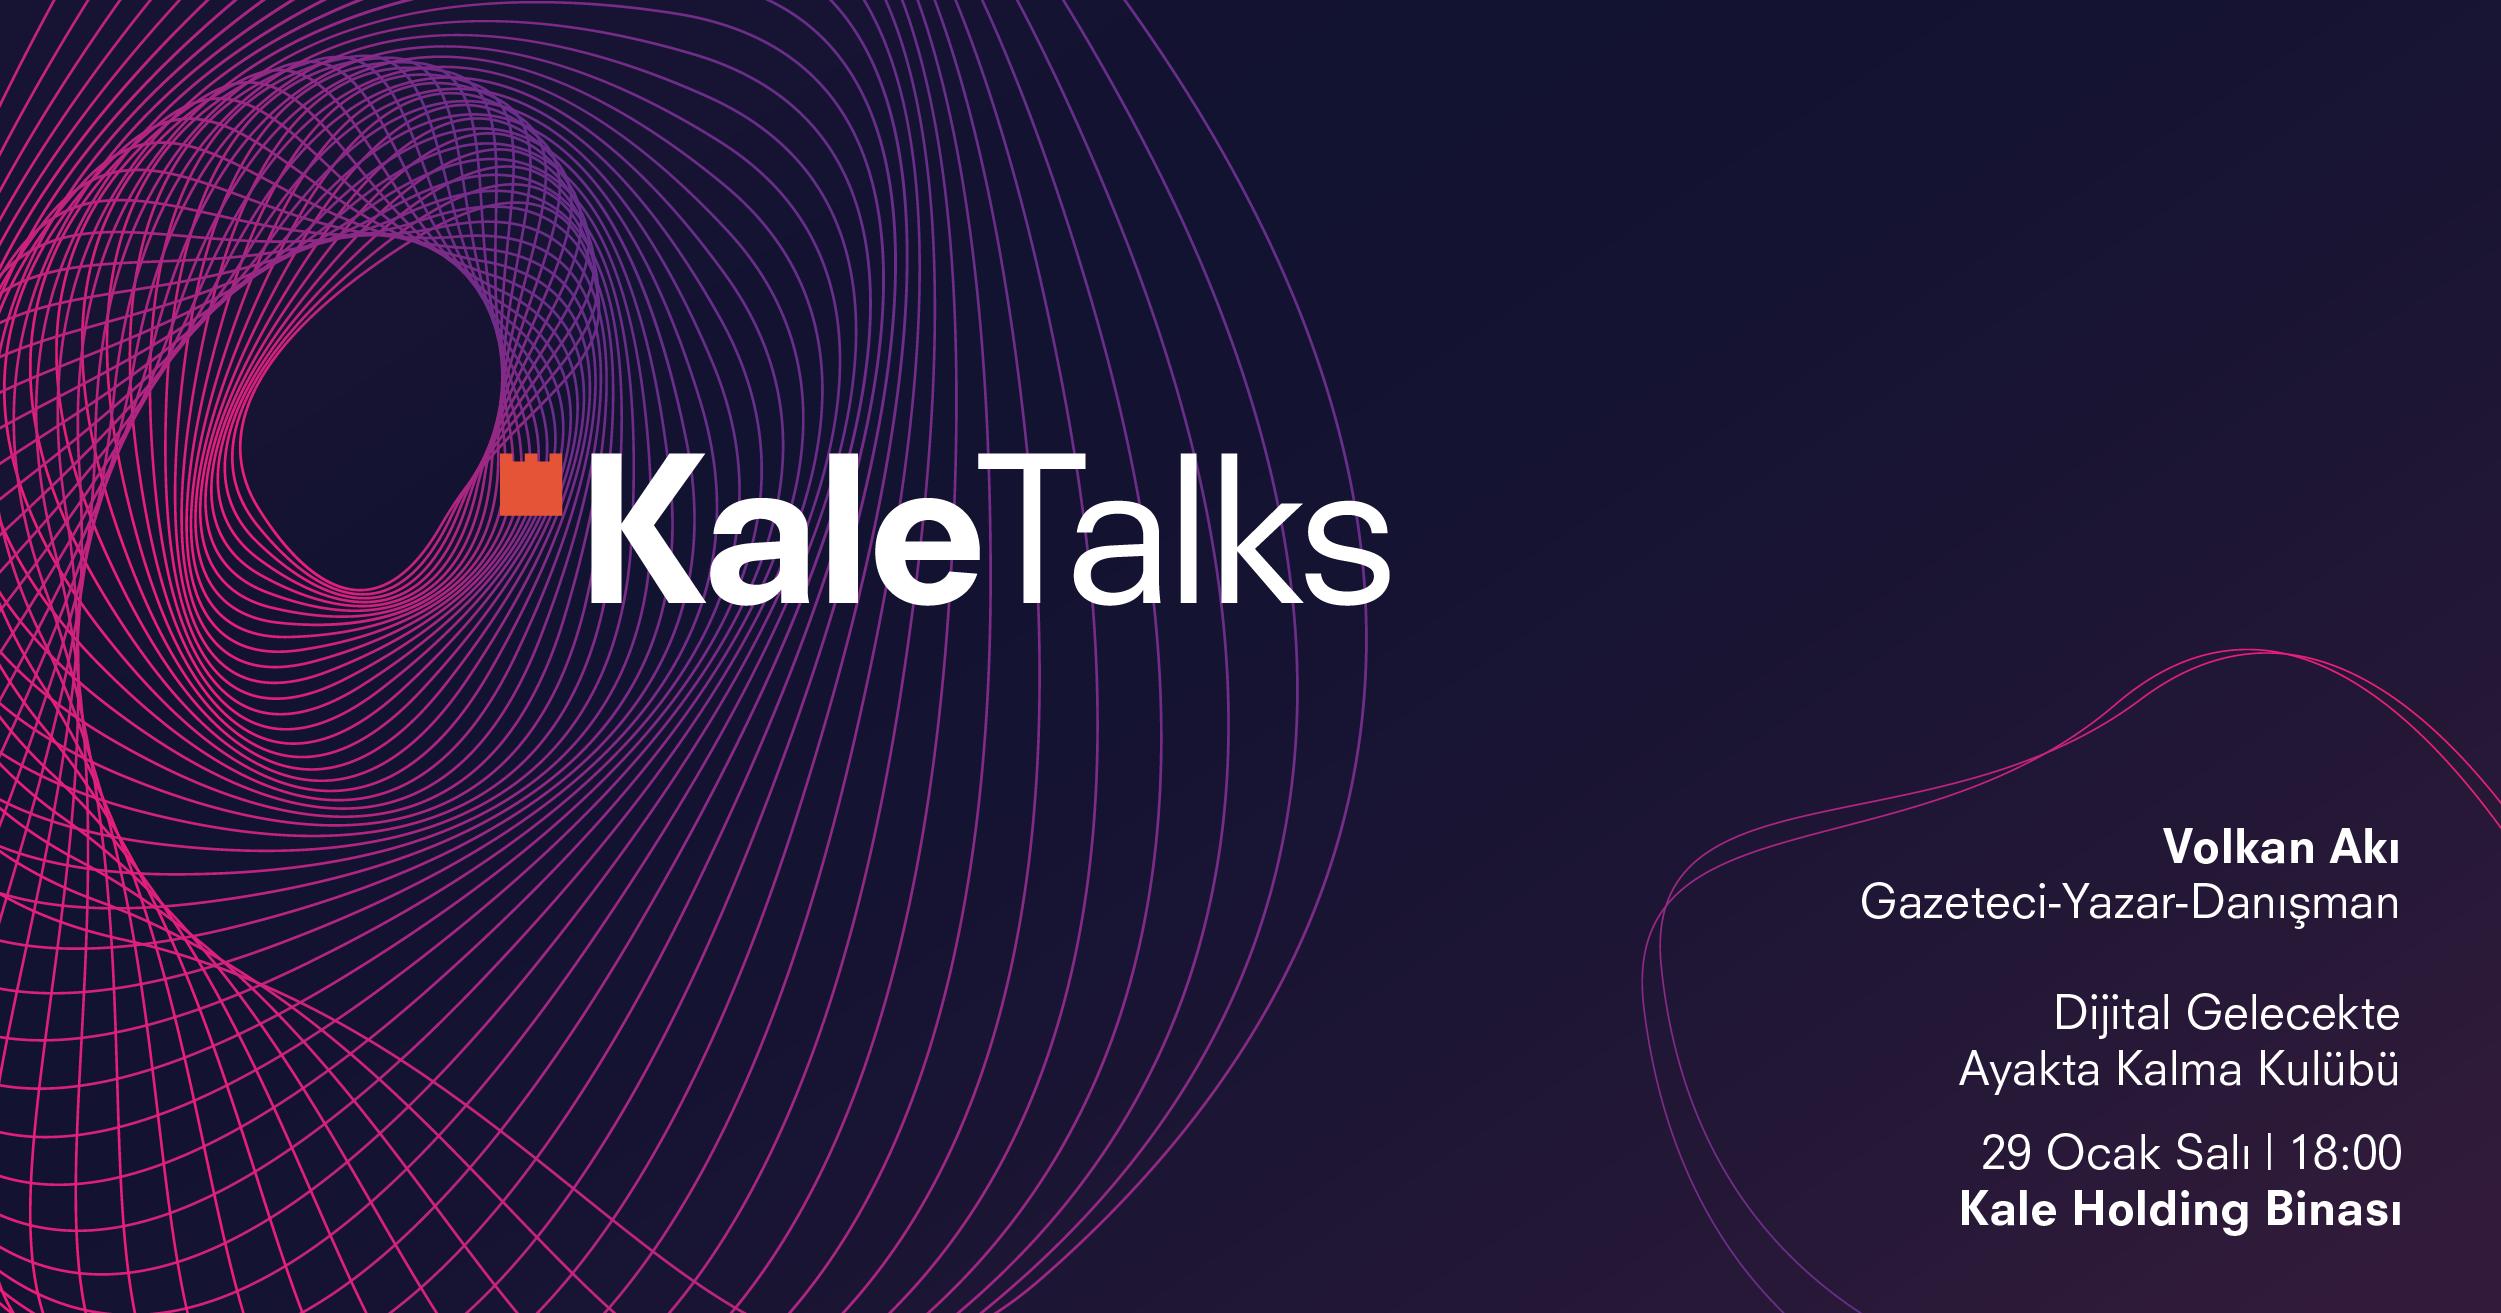 Yılın ilk #KaleTalks'u - Volkan Akı , 29 Ocak Salı günü katılımcılarla buluşacak!